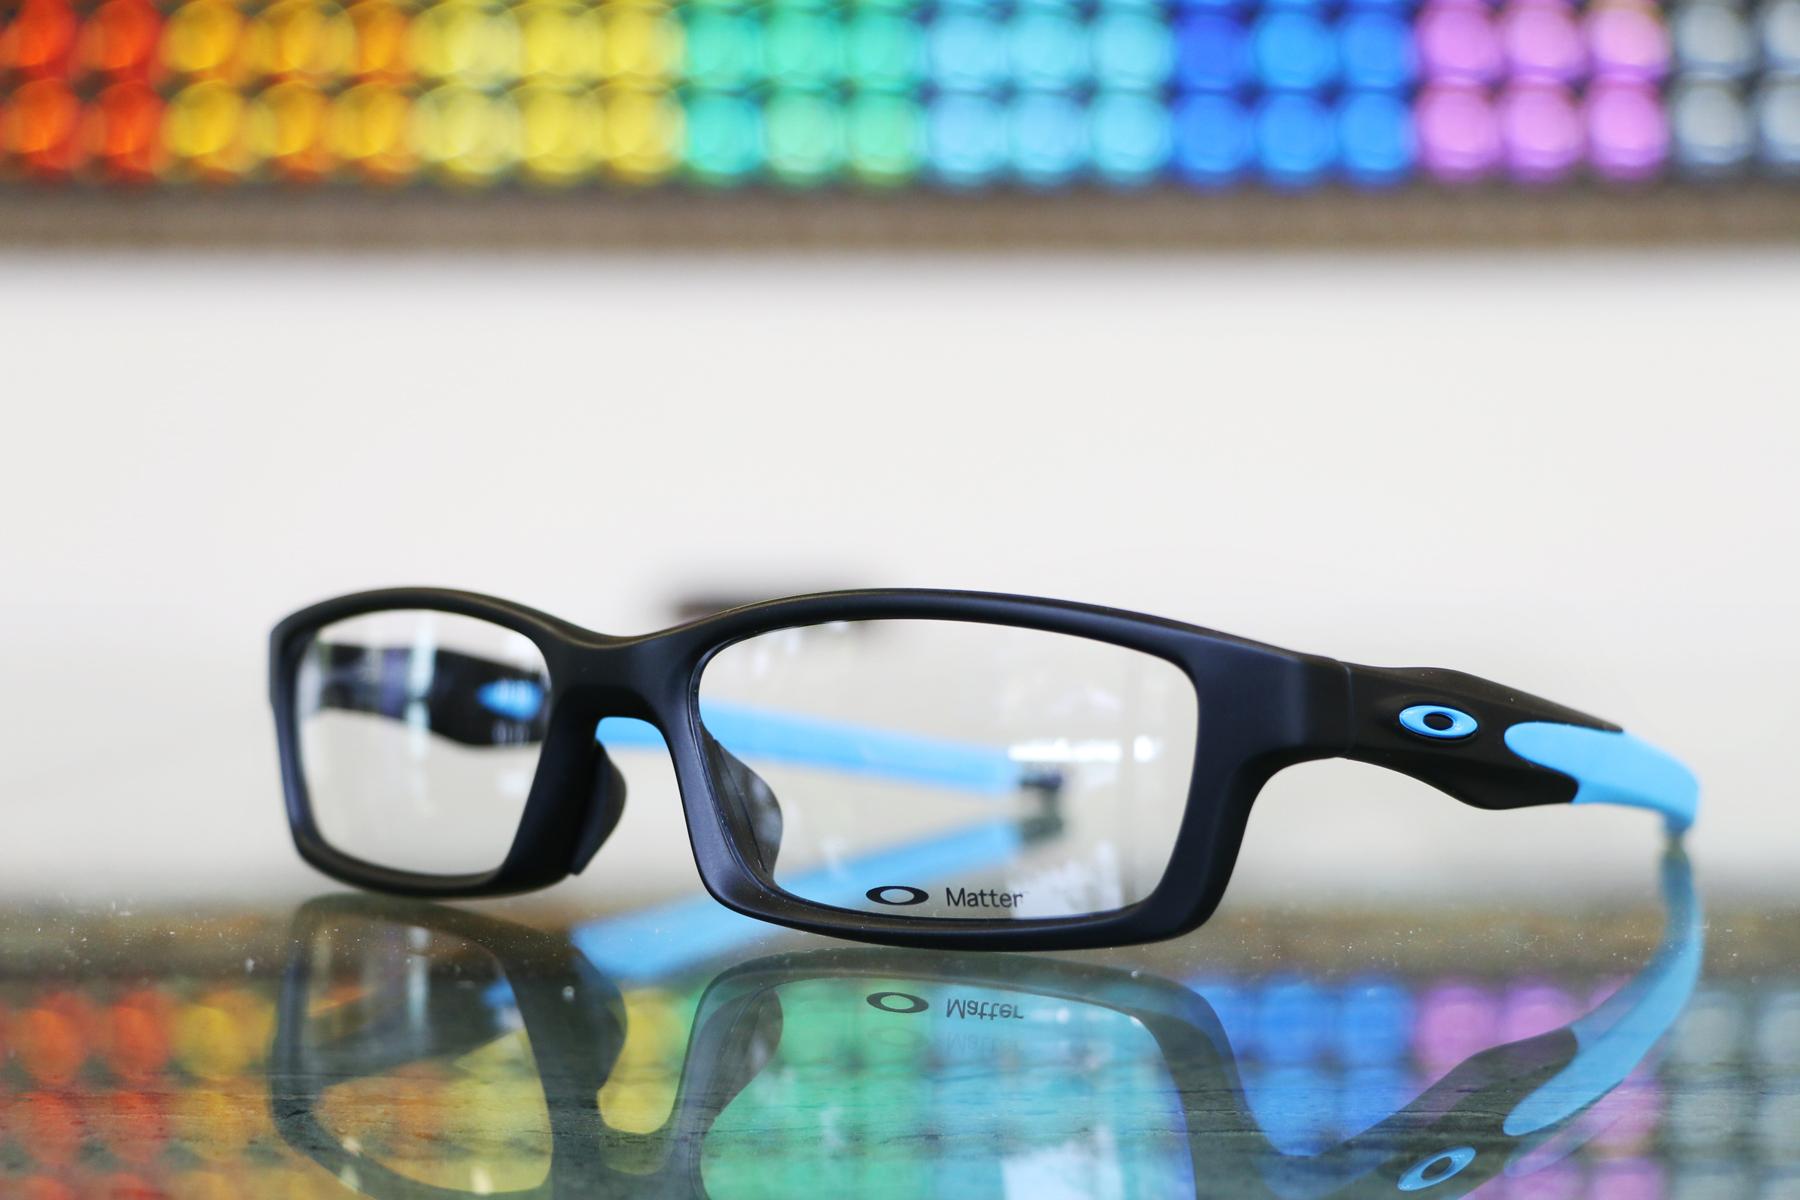 d7522b568b The Oakley Crosslink  Sports Glasses in Disguise